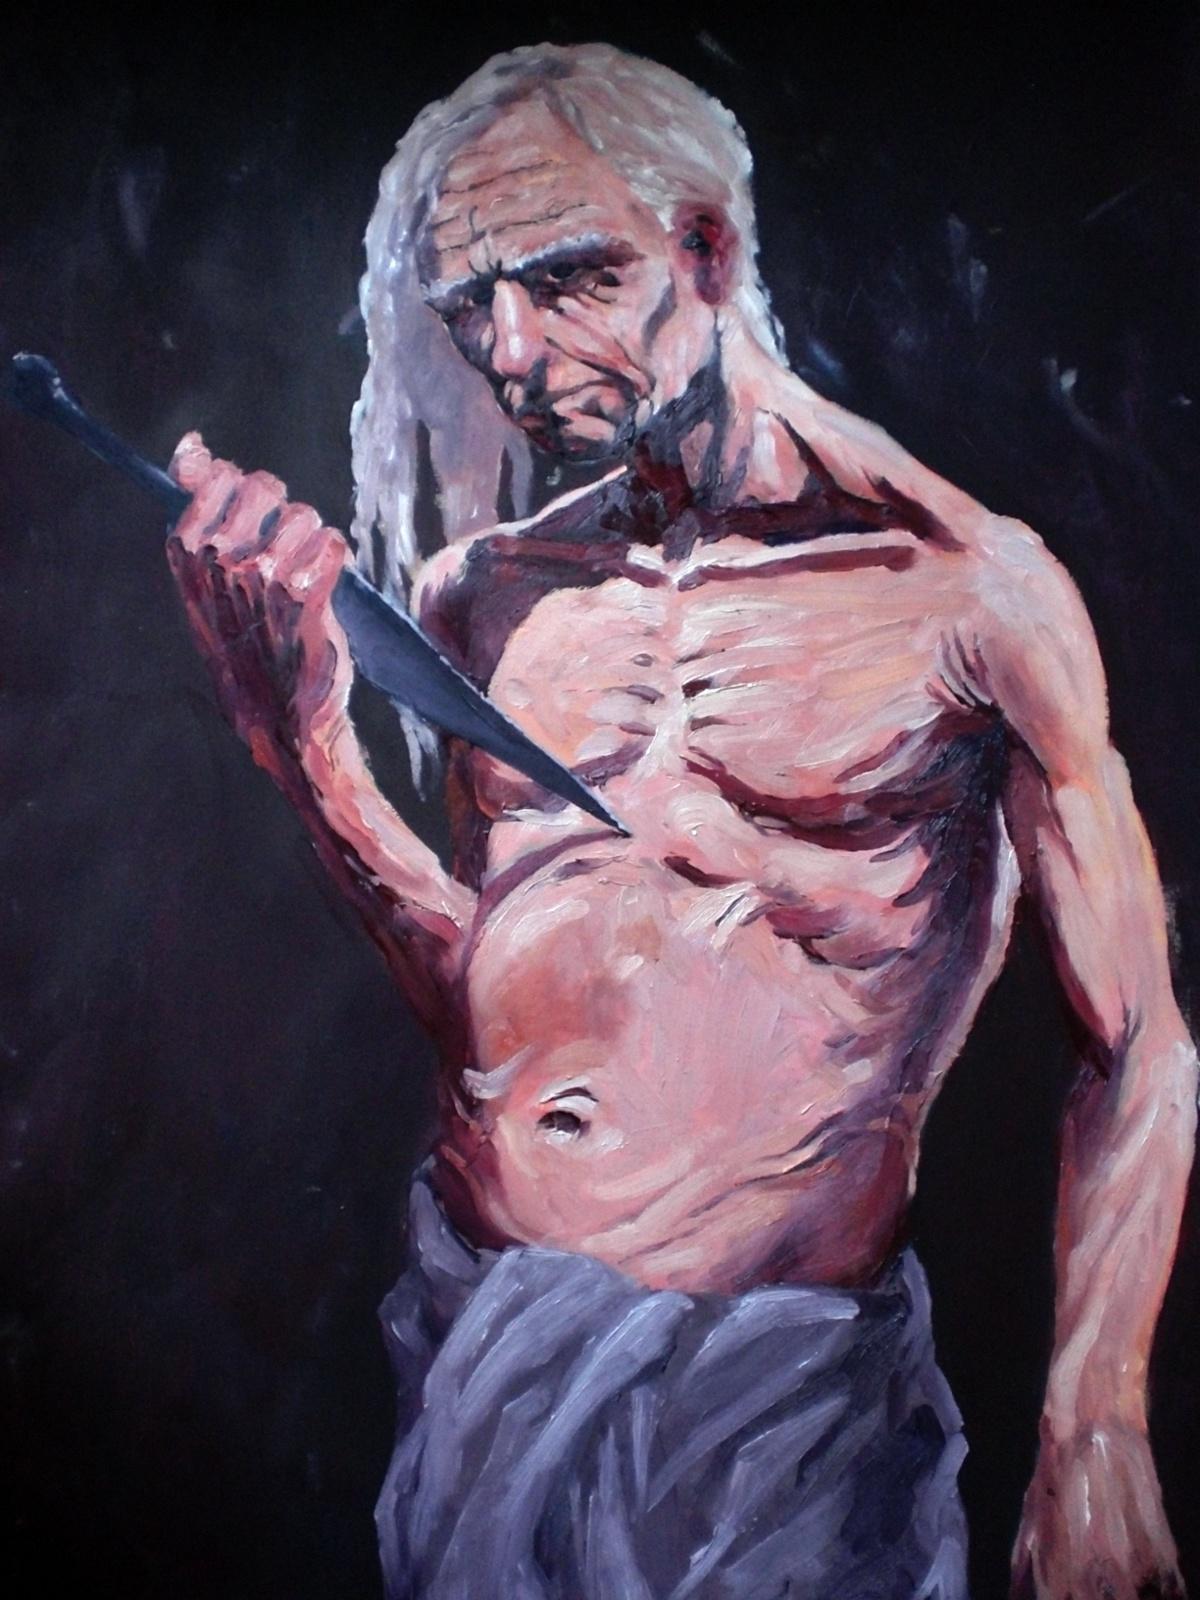 Gammel mand selvmord med stor kniv